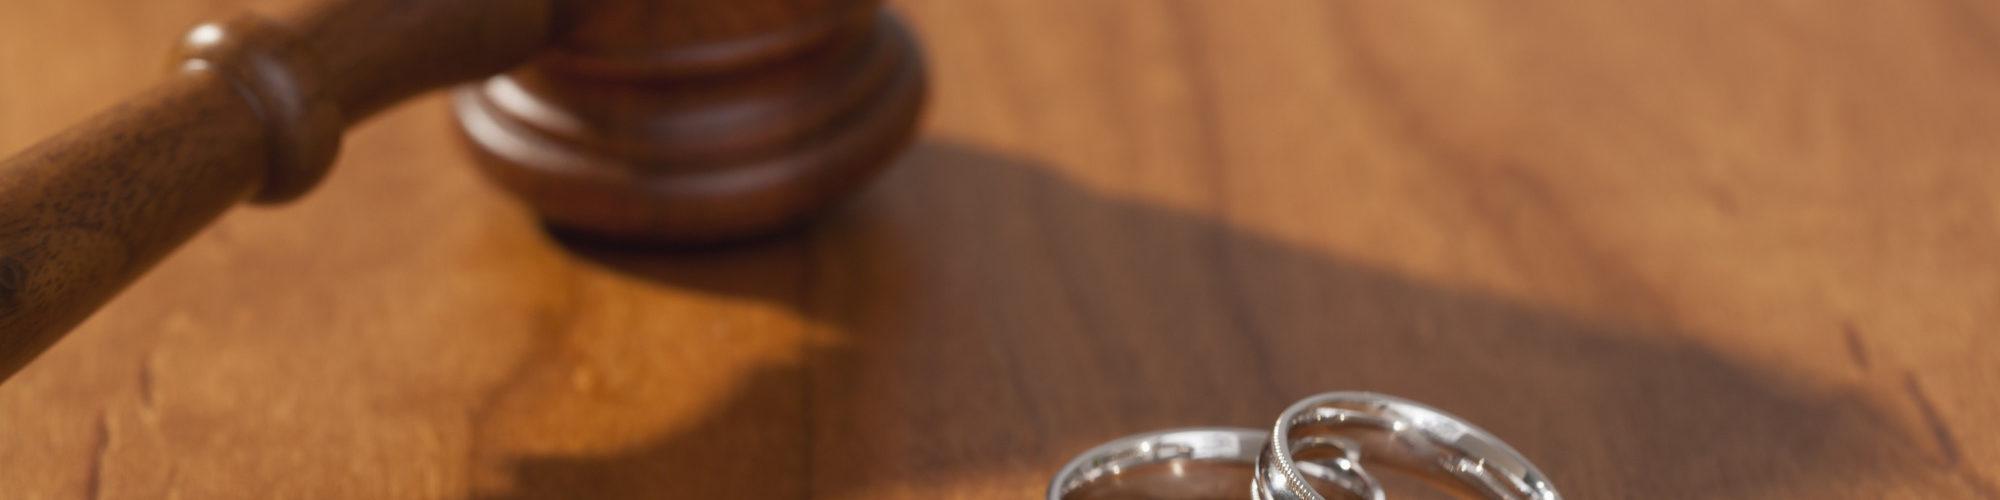 спросила юридическая консультация семейное право нахабино время